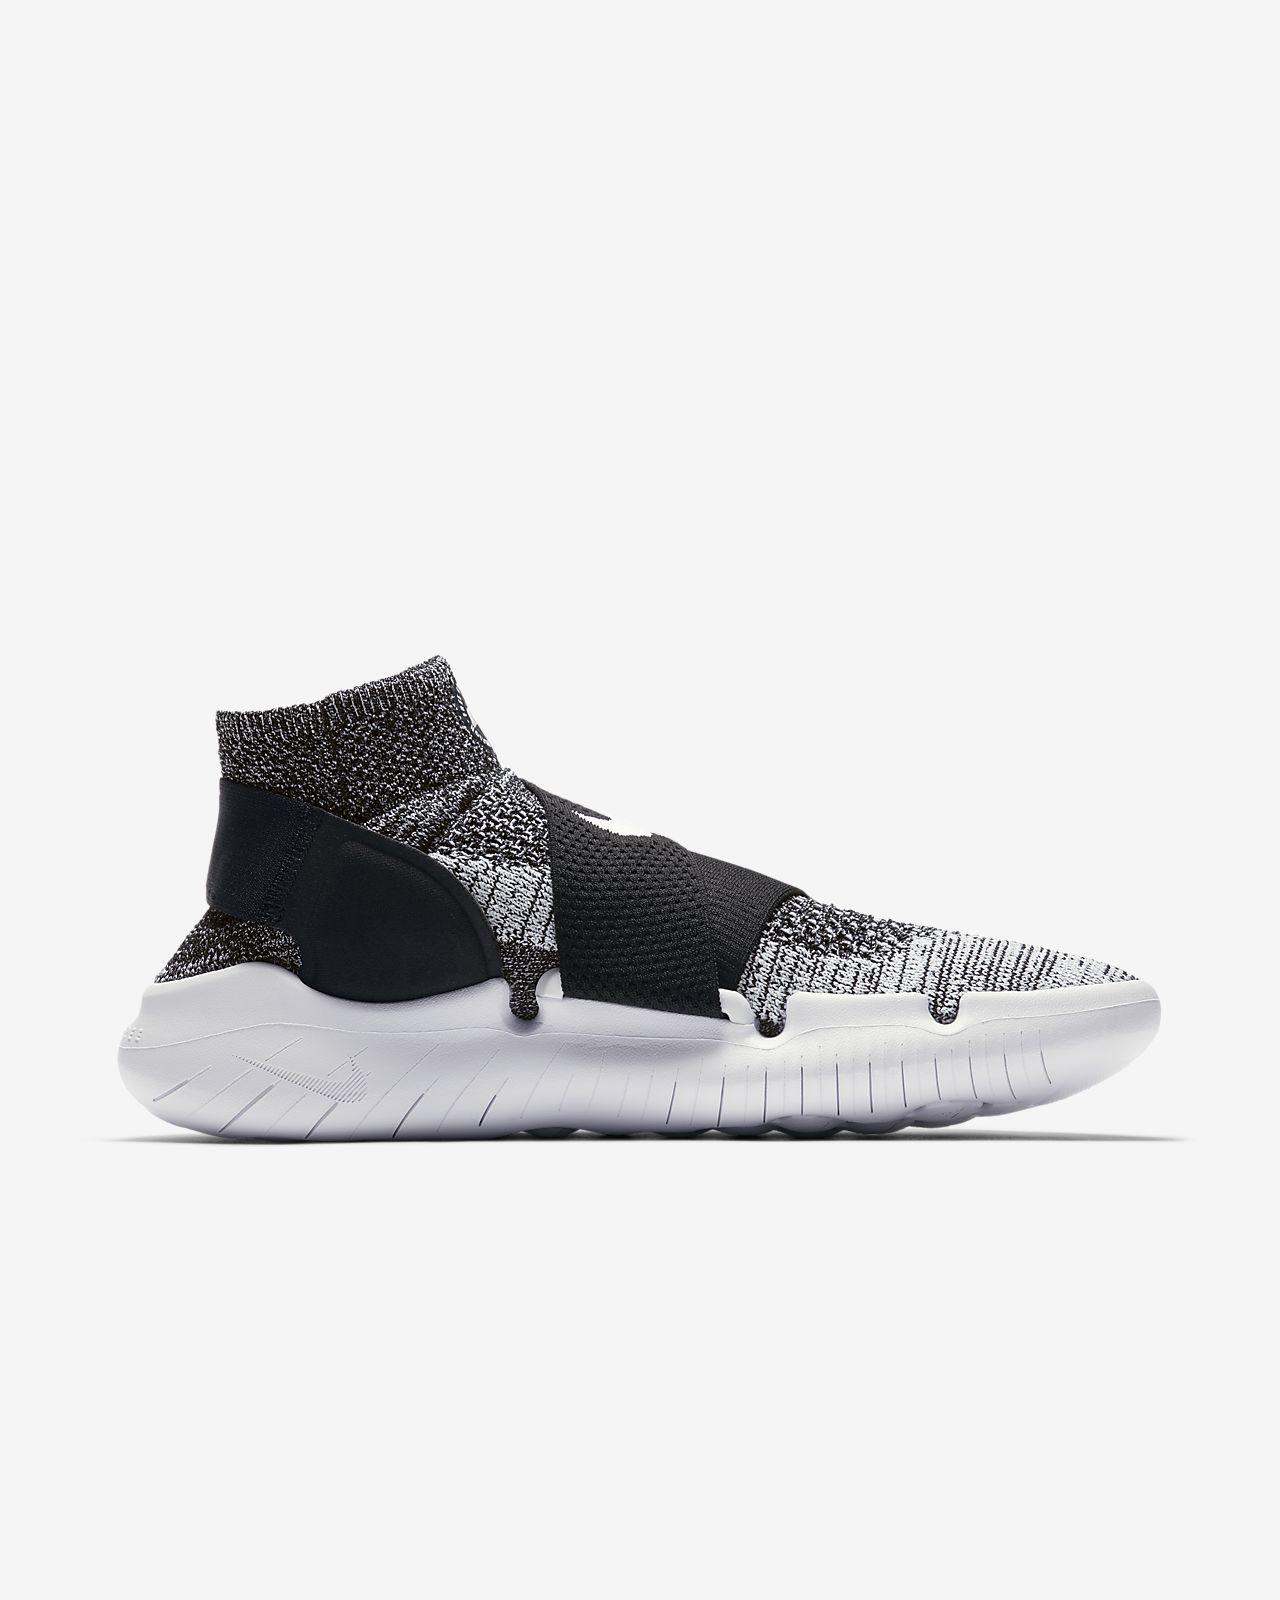 Nike Free Run Course Mouvement Flyknit 2018 Formateurs En Noir 942840-001 - Noir ZTzpF0FiFY